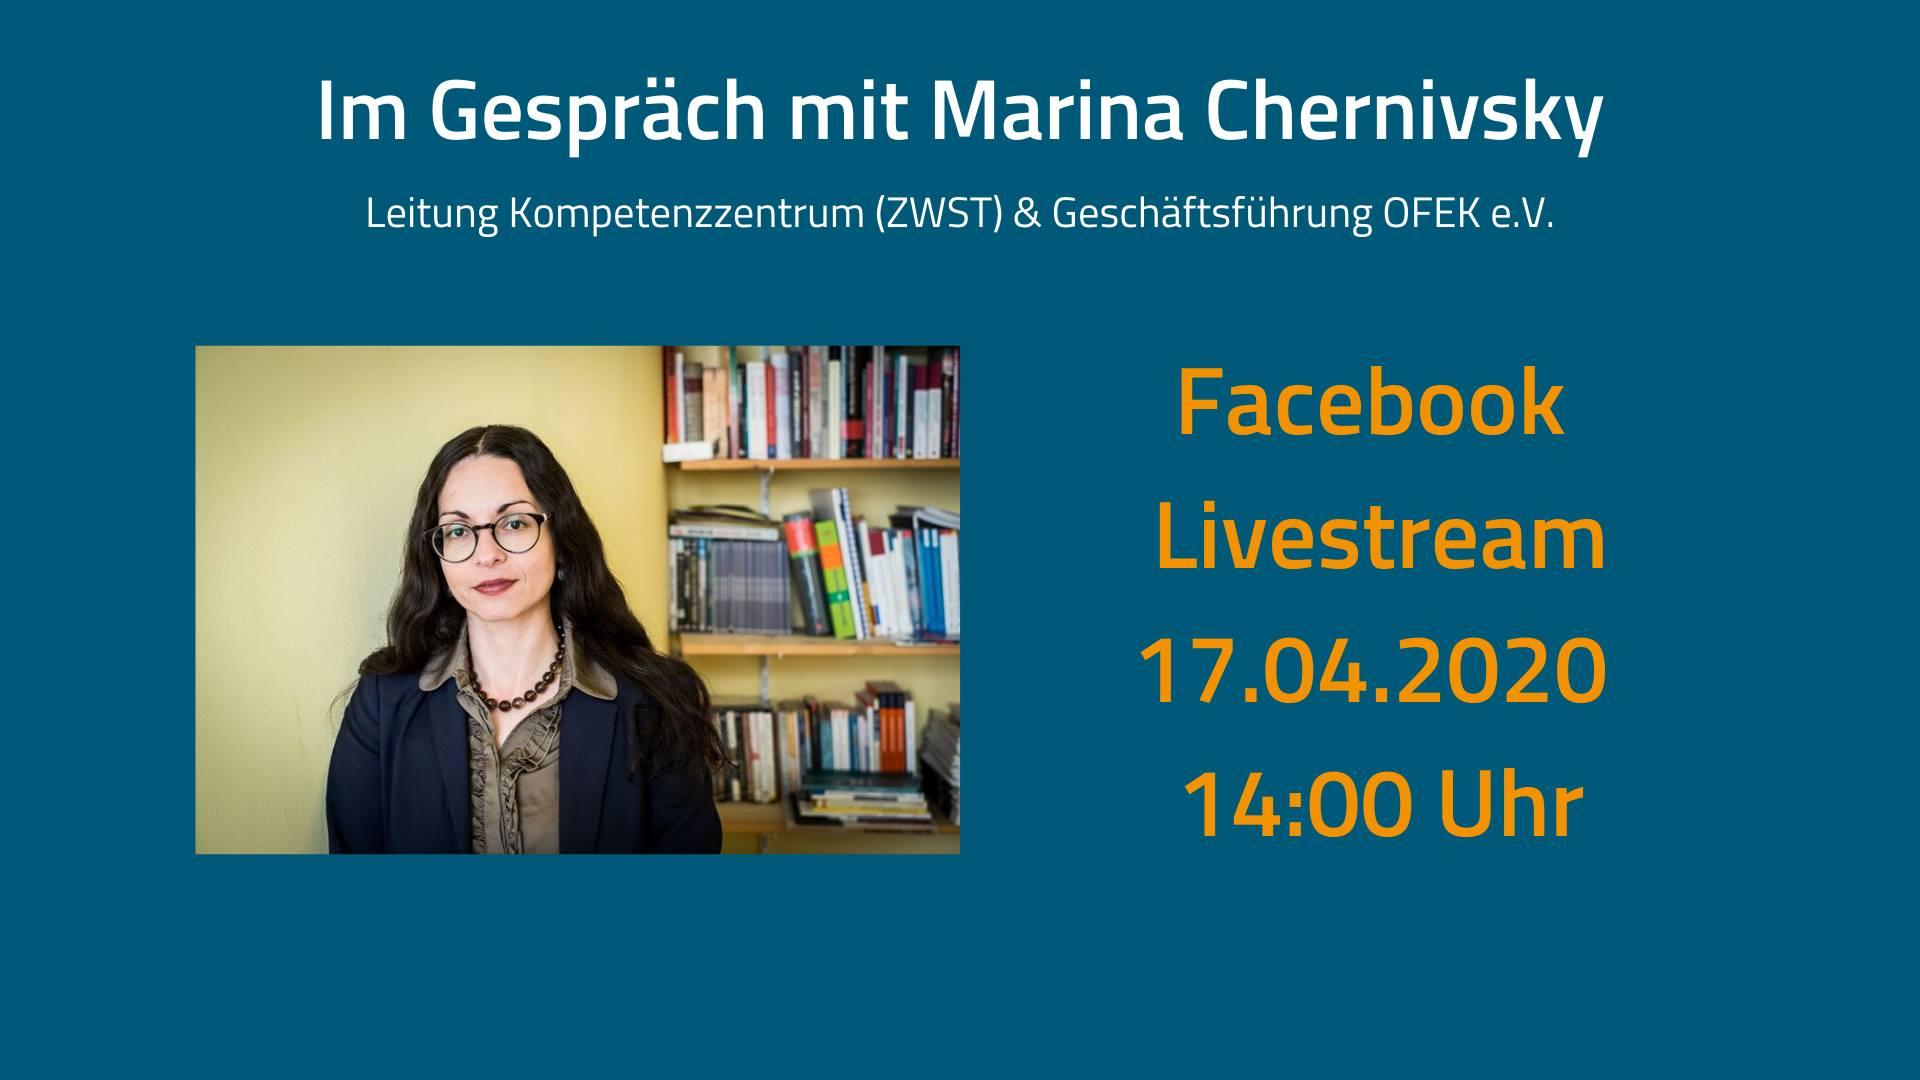 Im Gespräch mit Marina Chernivsky